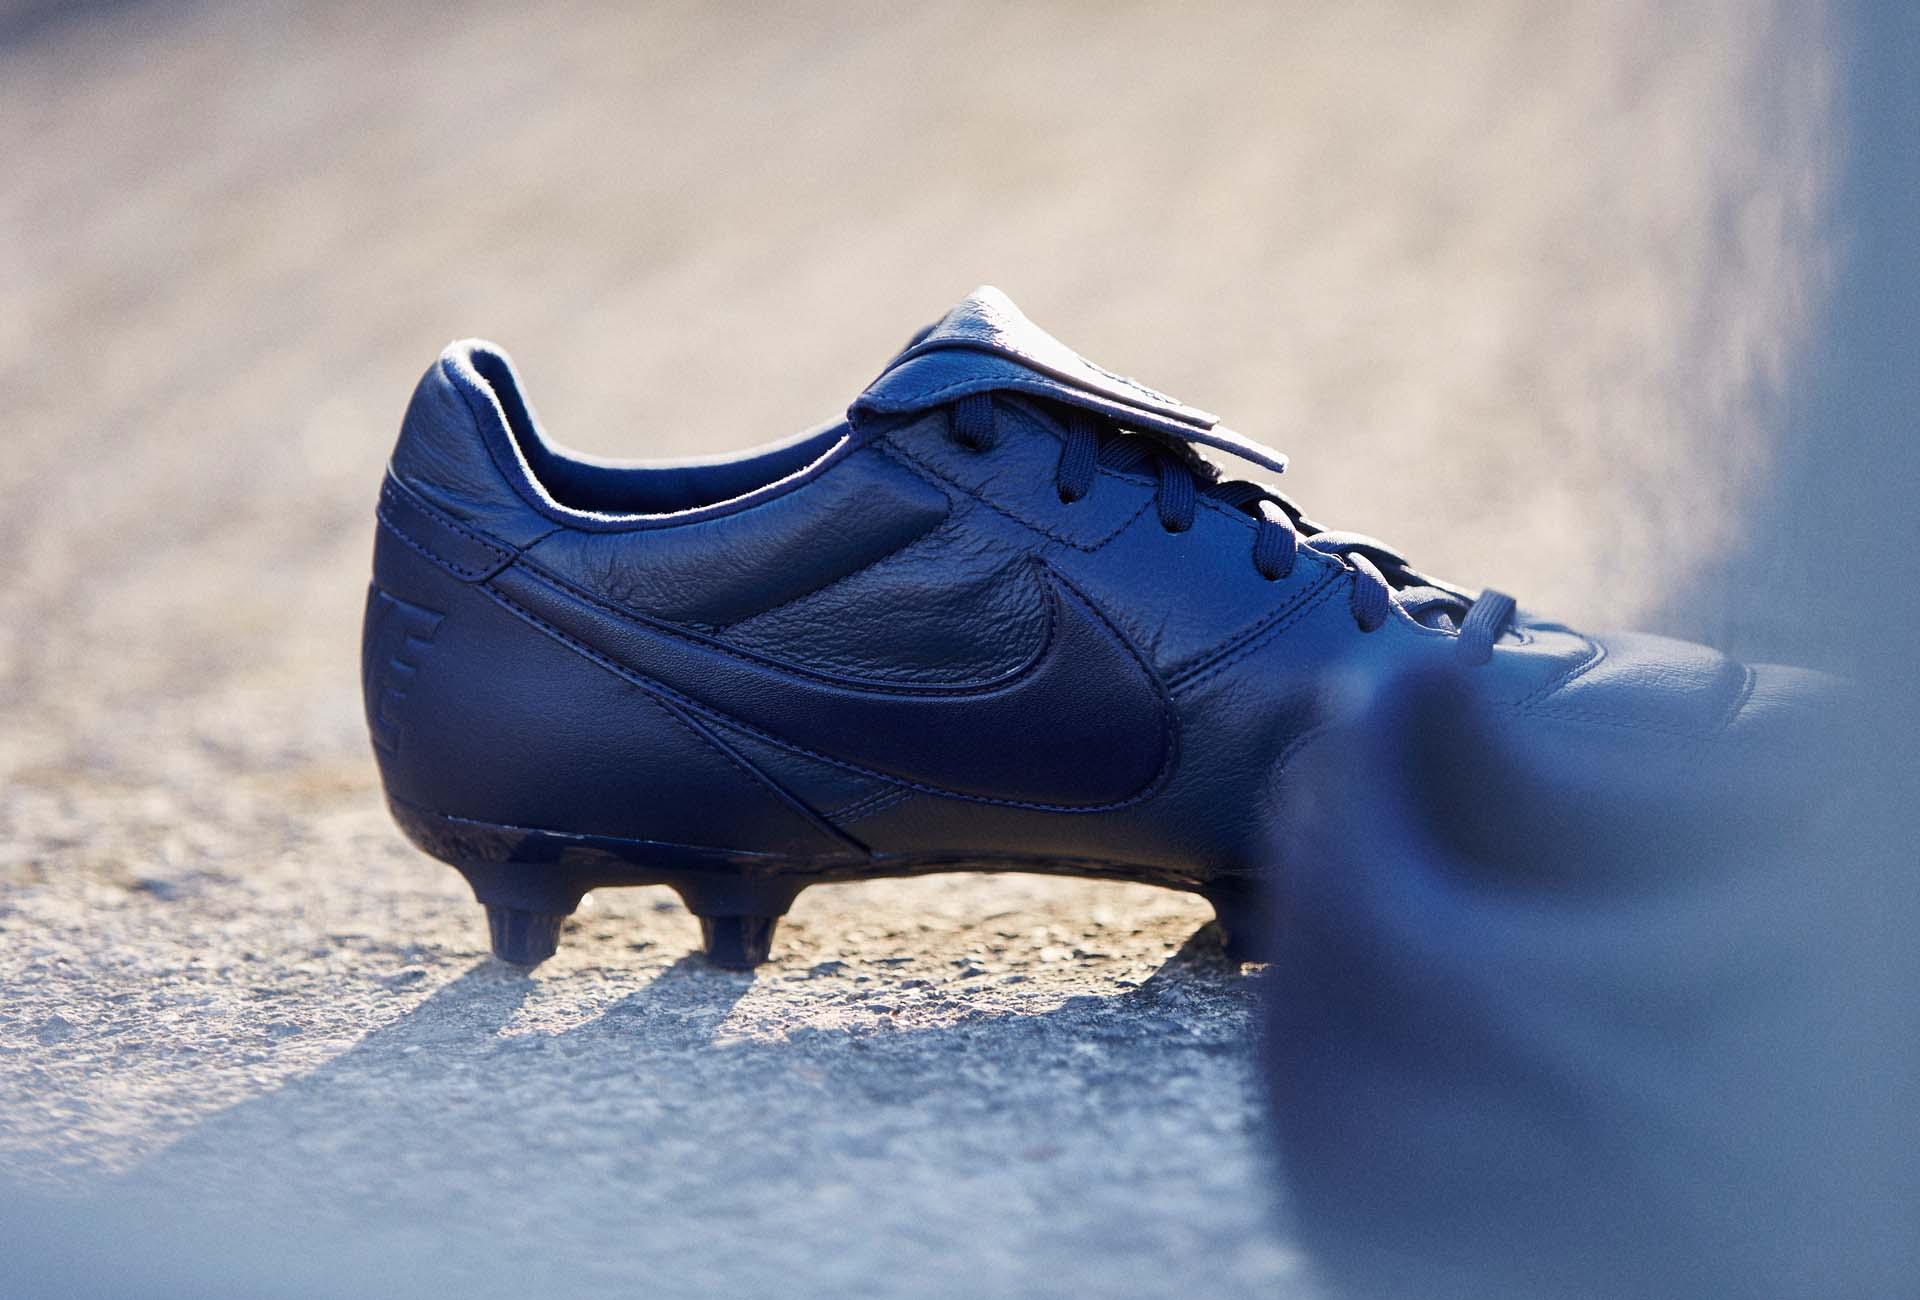 d8be1358cdad Nike Premier 2.0